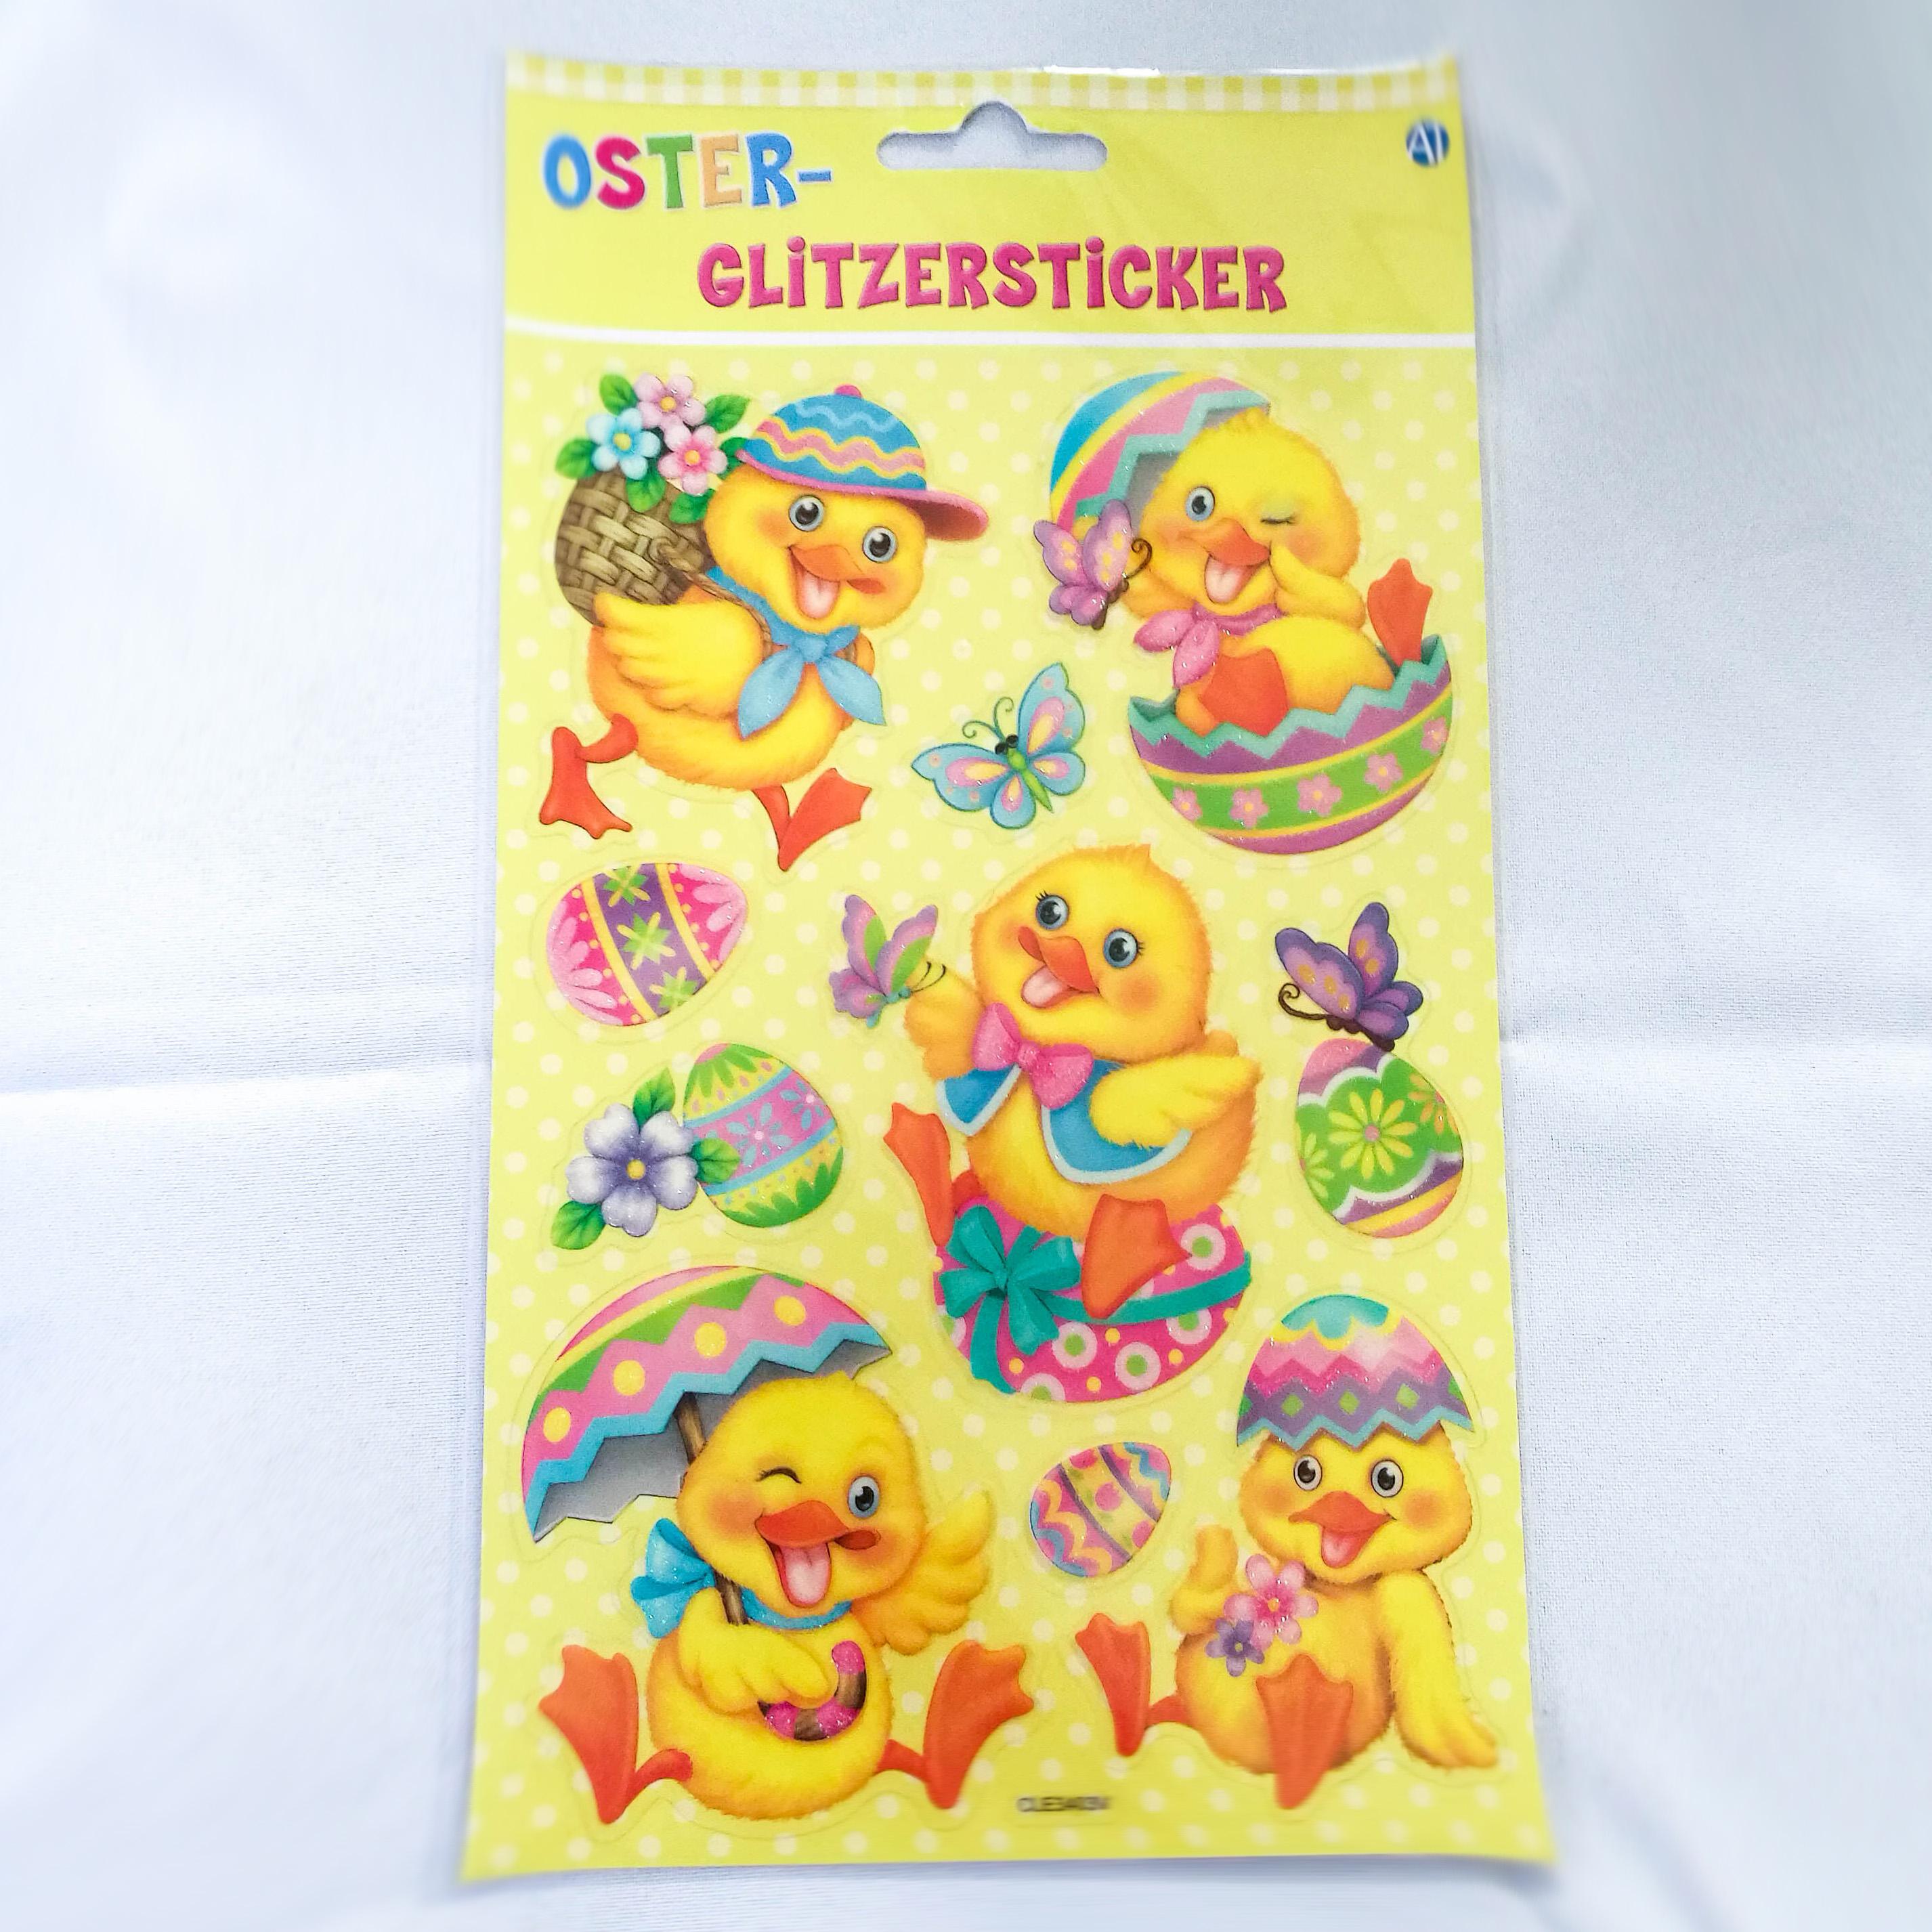 Oster-Glitzersticker